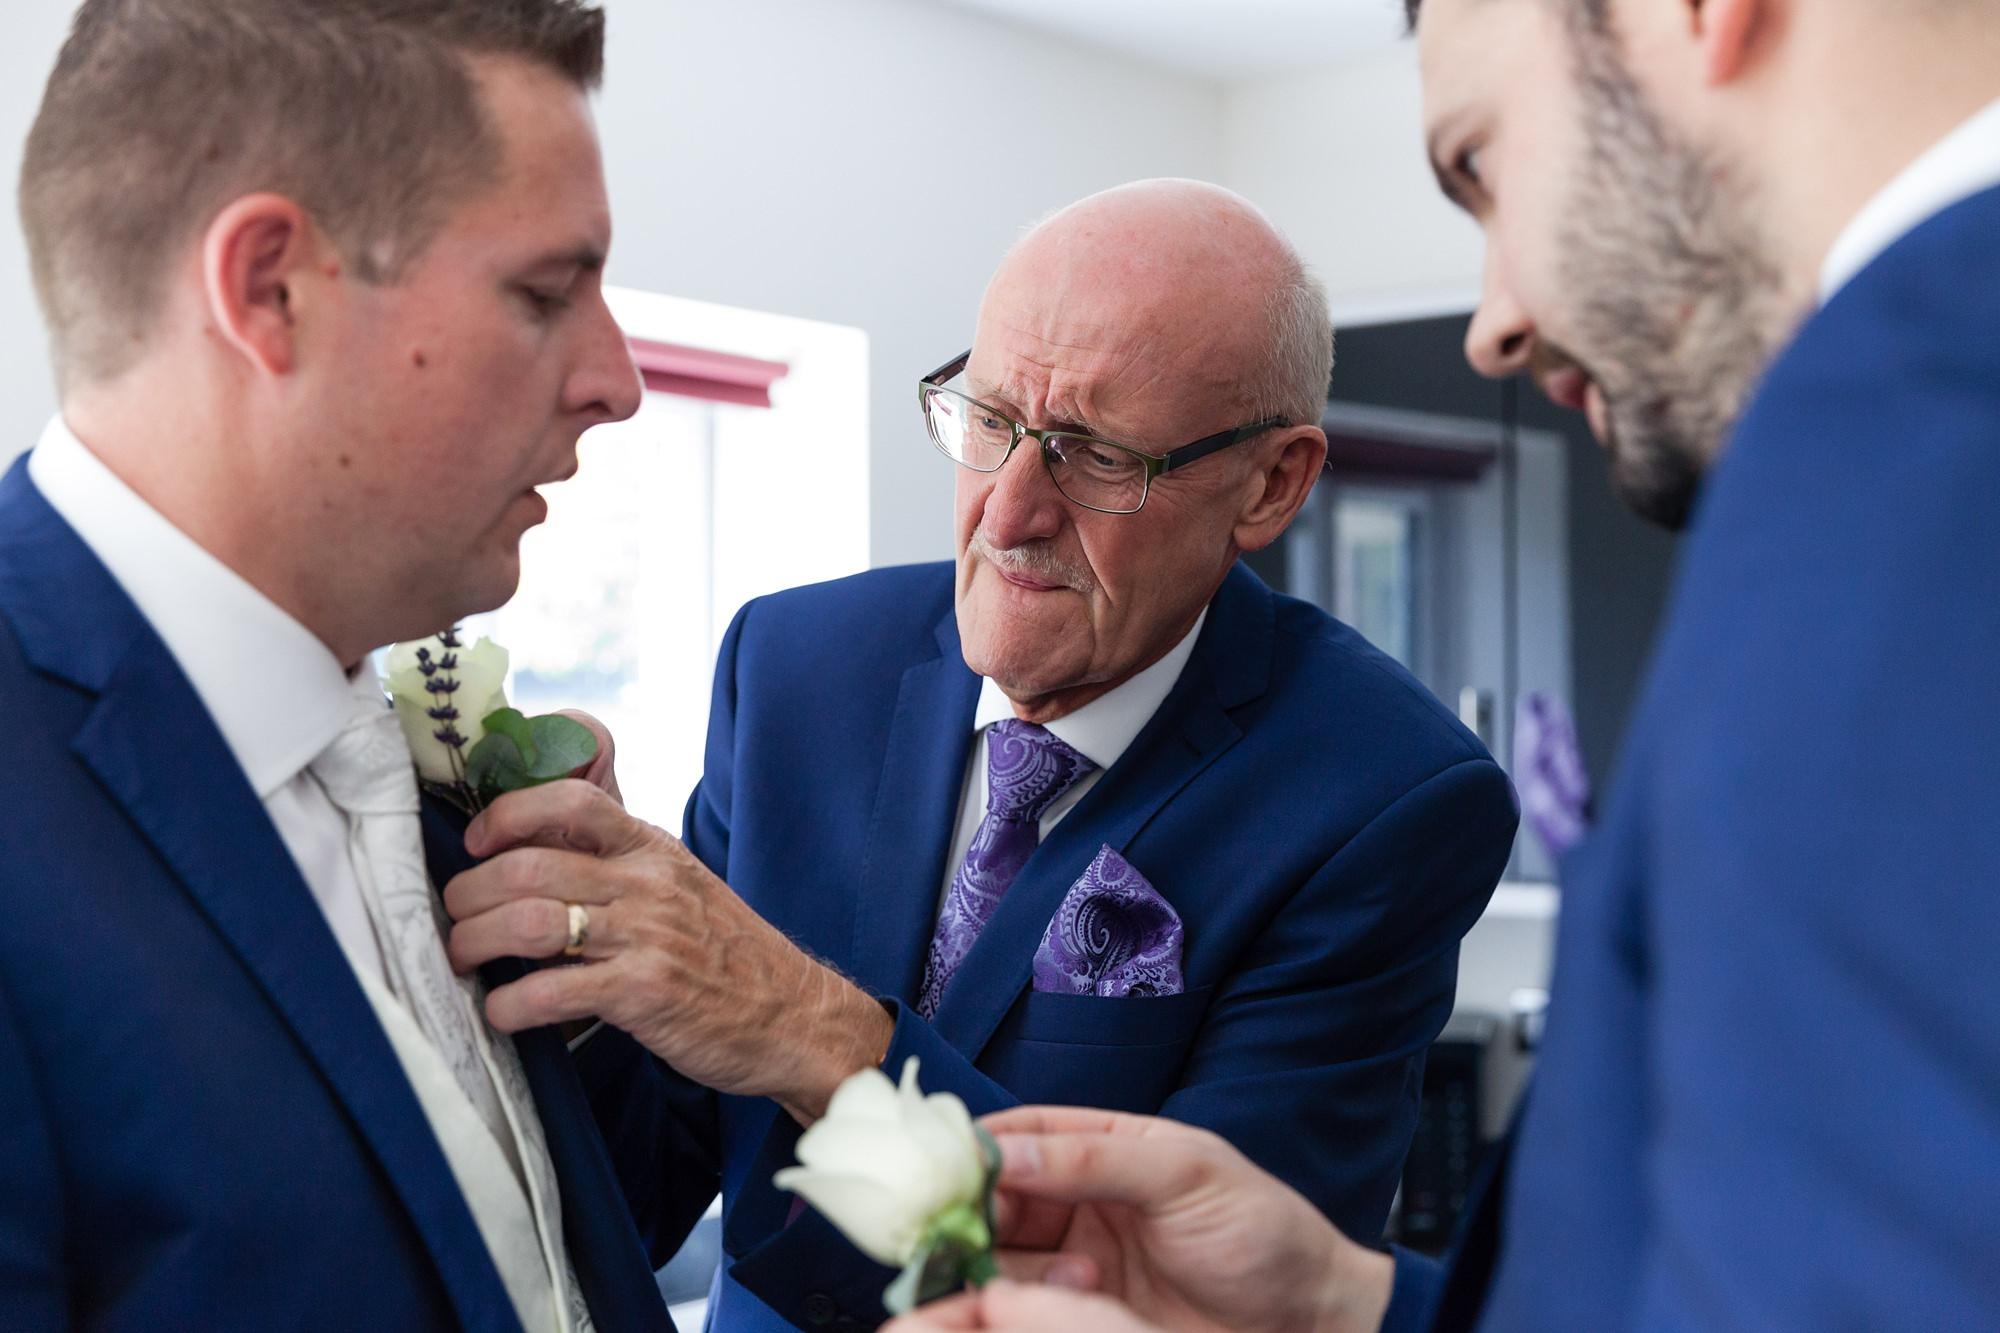 Groom prep - dad tying everyone's tie